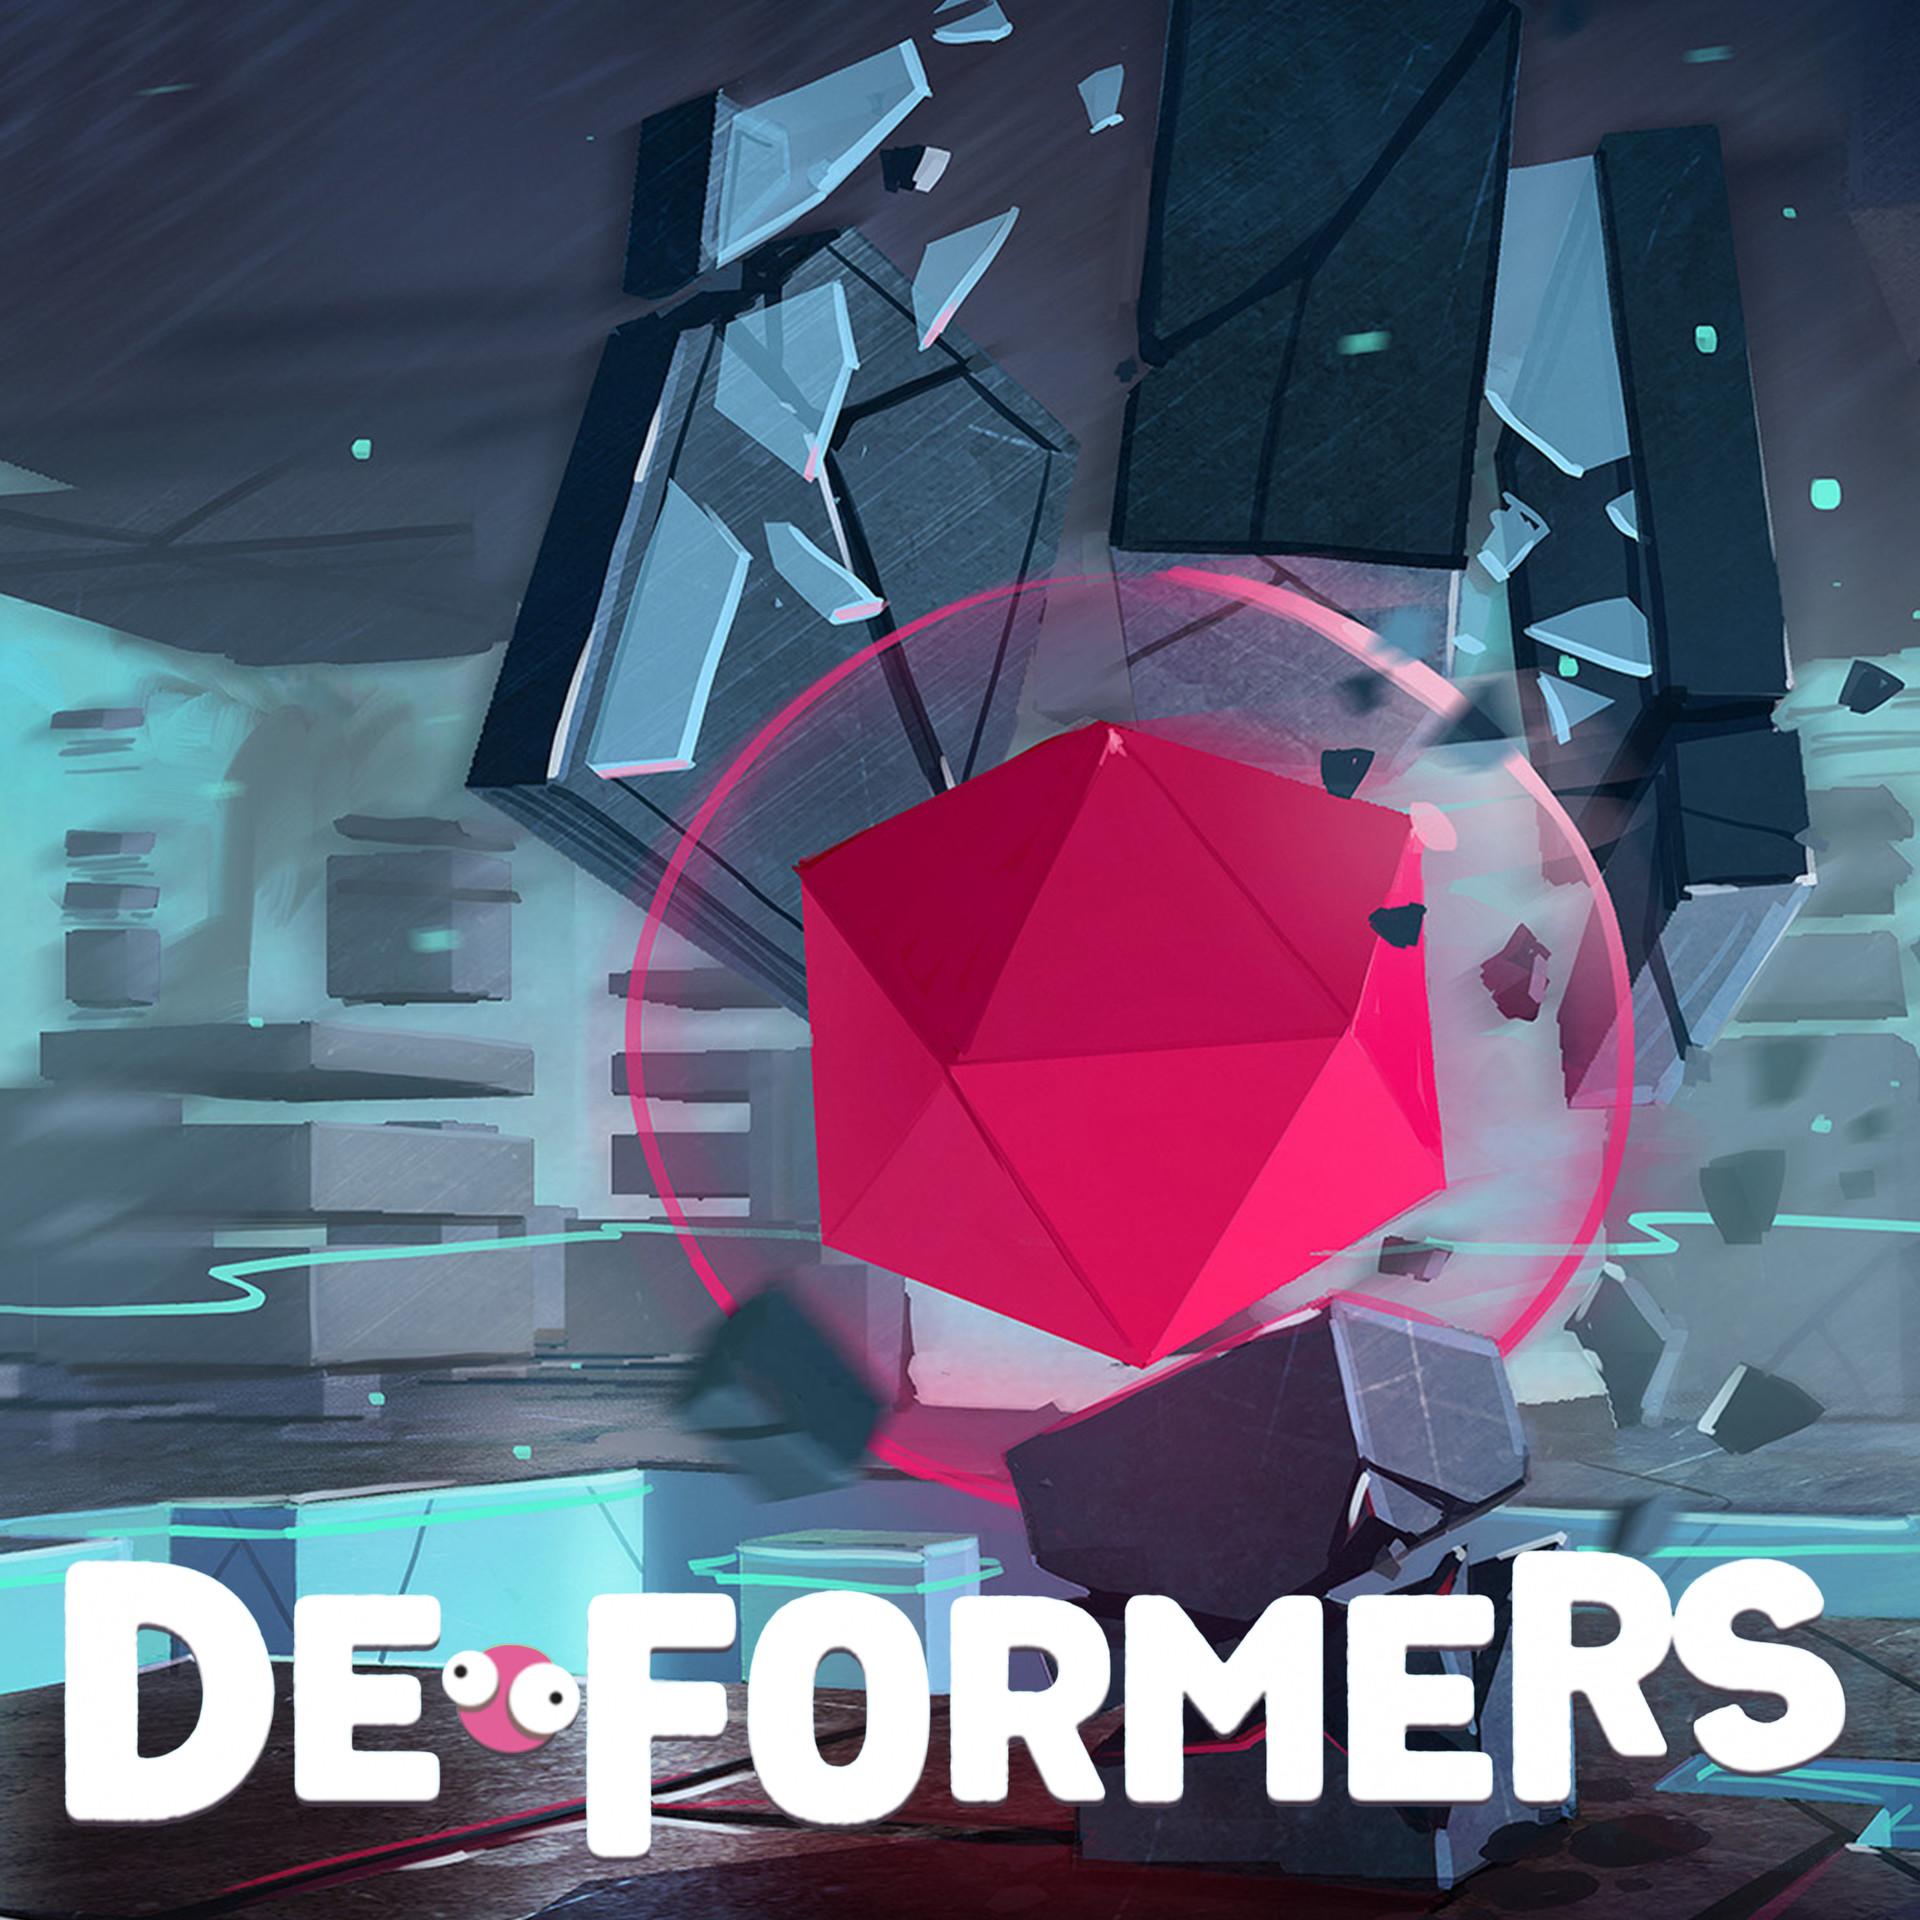 Deformers: Alien Abstract